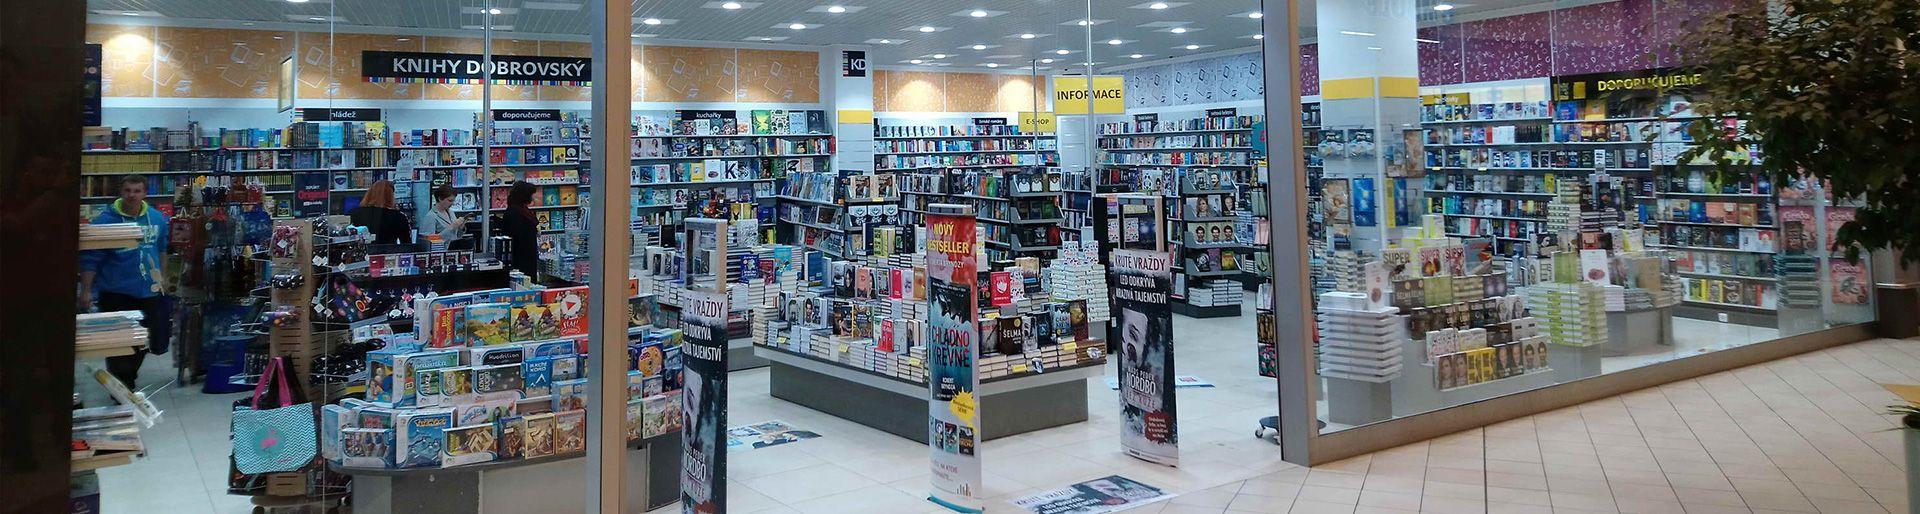 Informační systém pro Knihy Dobrovský